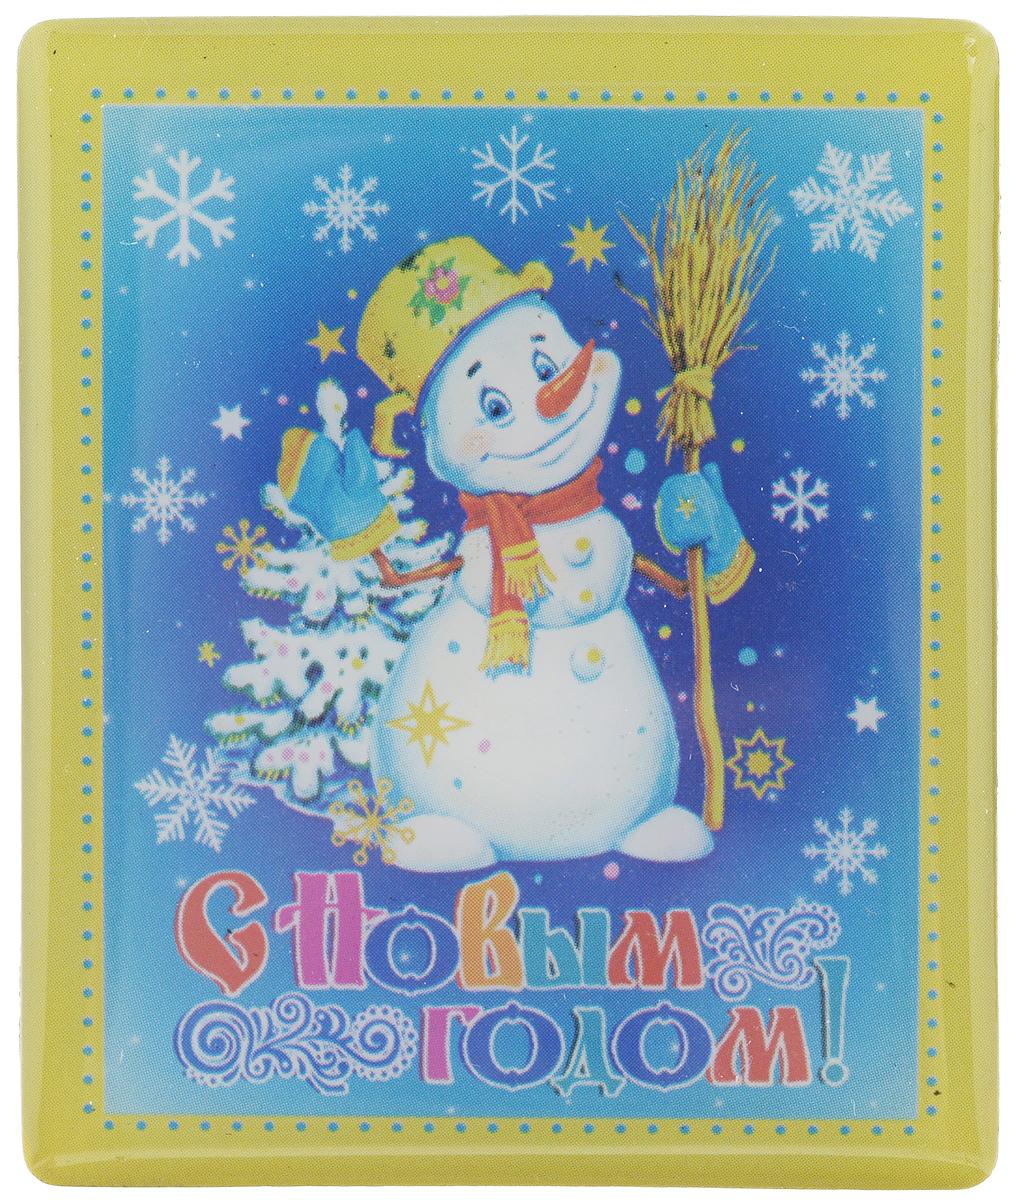 Магнит Феникс-Презент Снеговик, 5 x 6 см34844Магнит прямоугольной формы Феникс-Презент Снеговик, выполненный из агломерированного феррита, станет приятным штрихом в повседневной жизни. Оригинальный магнит, декорированный изображением снеговика и надписи С Новым Годом!, поможет вам украсить не только холодильник, но и любую другую магнитную поверхность. Материал: агломерированный феррит.